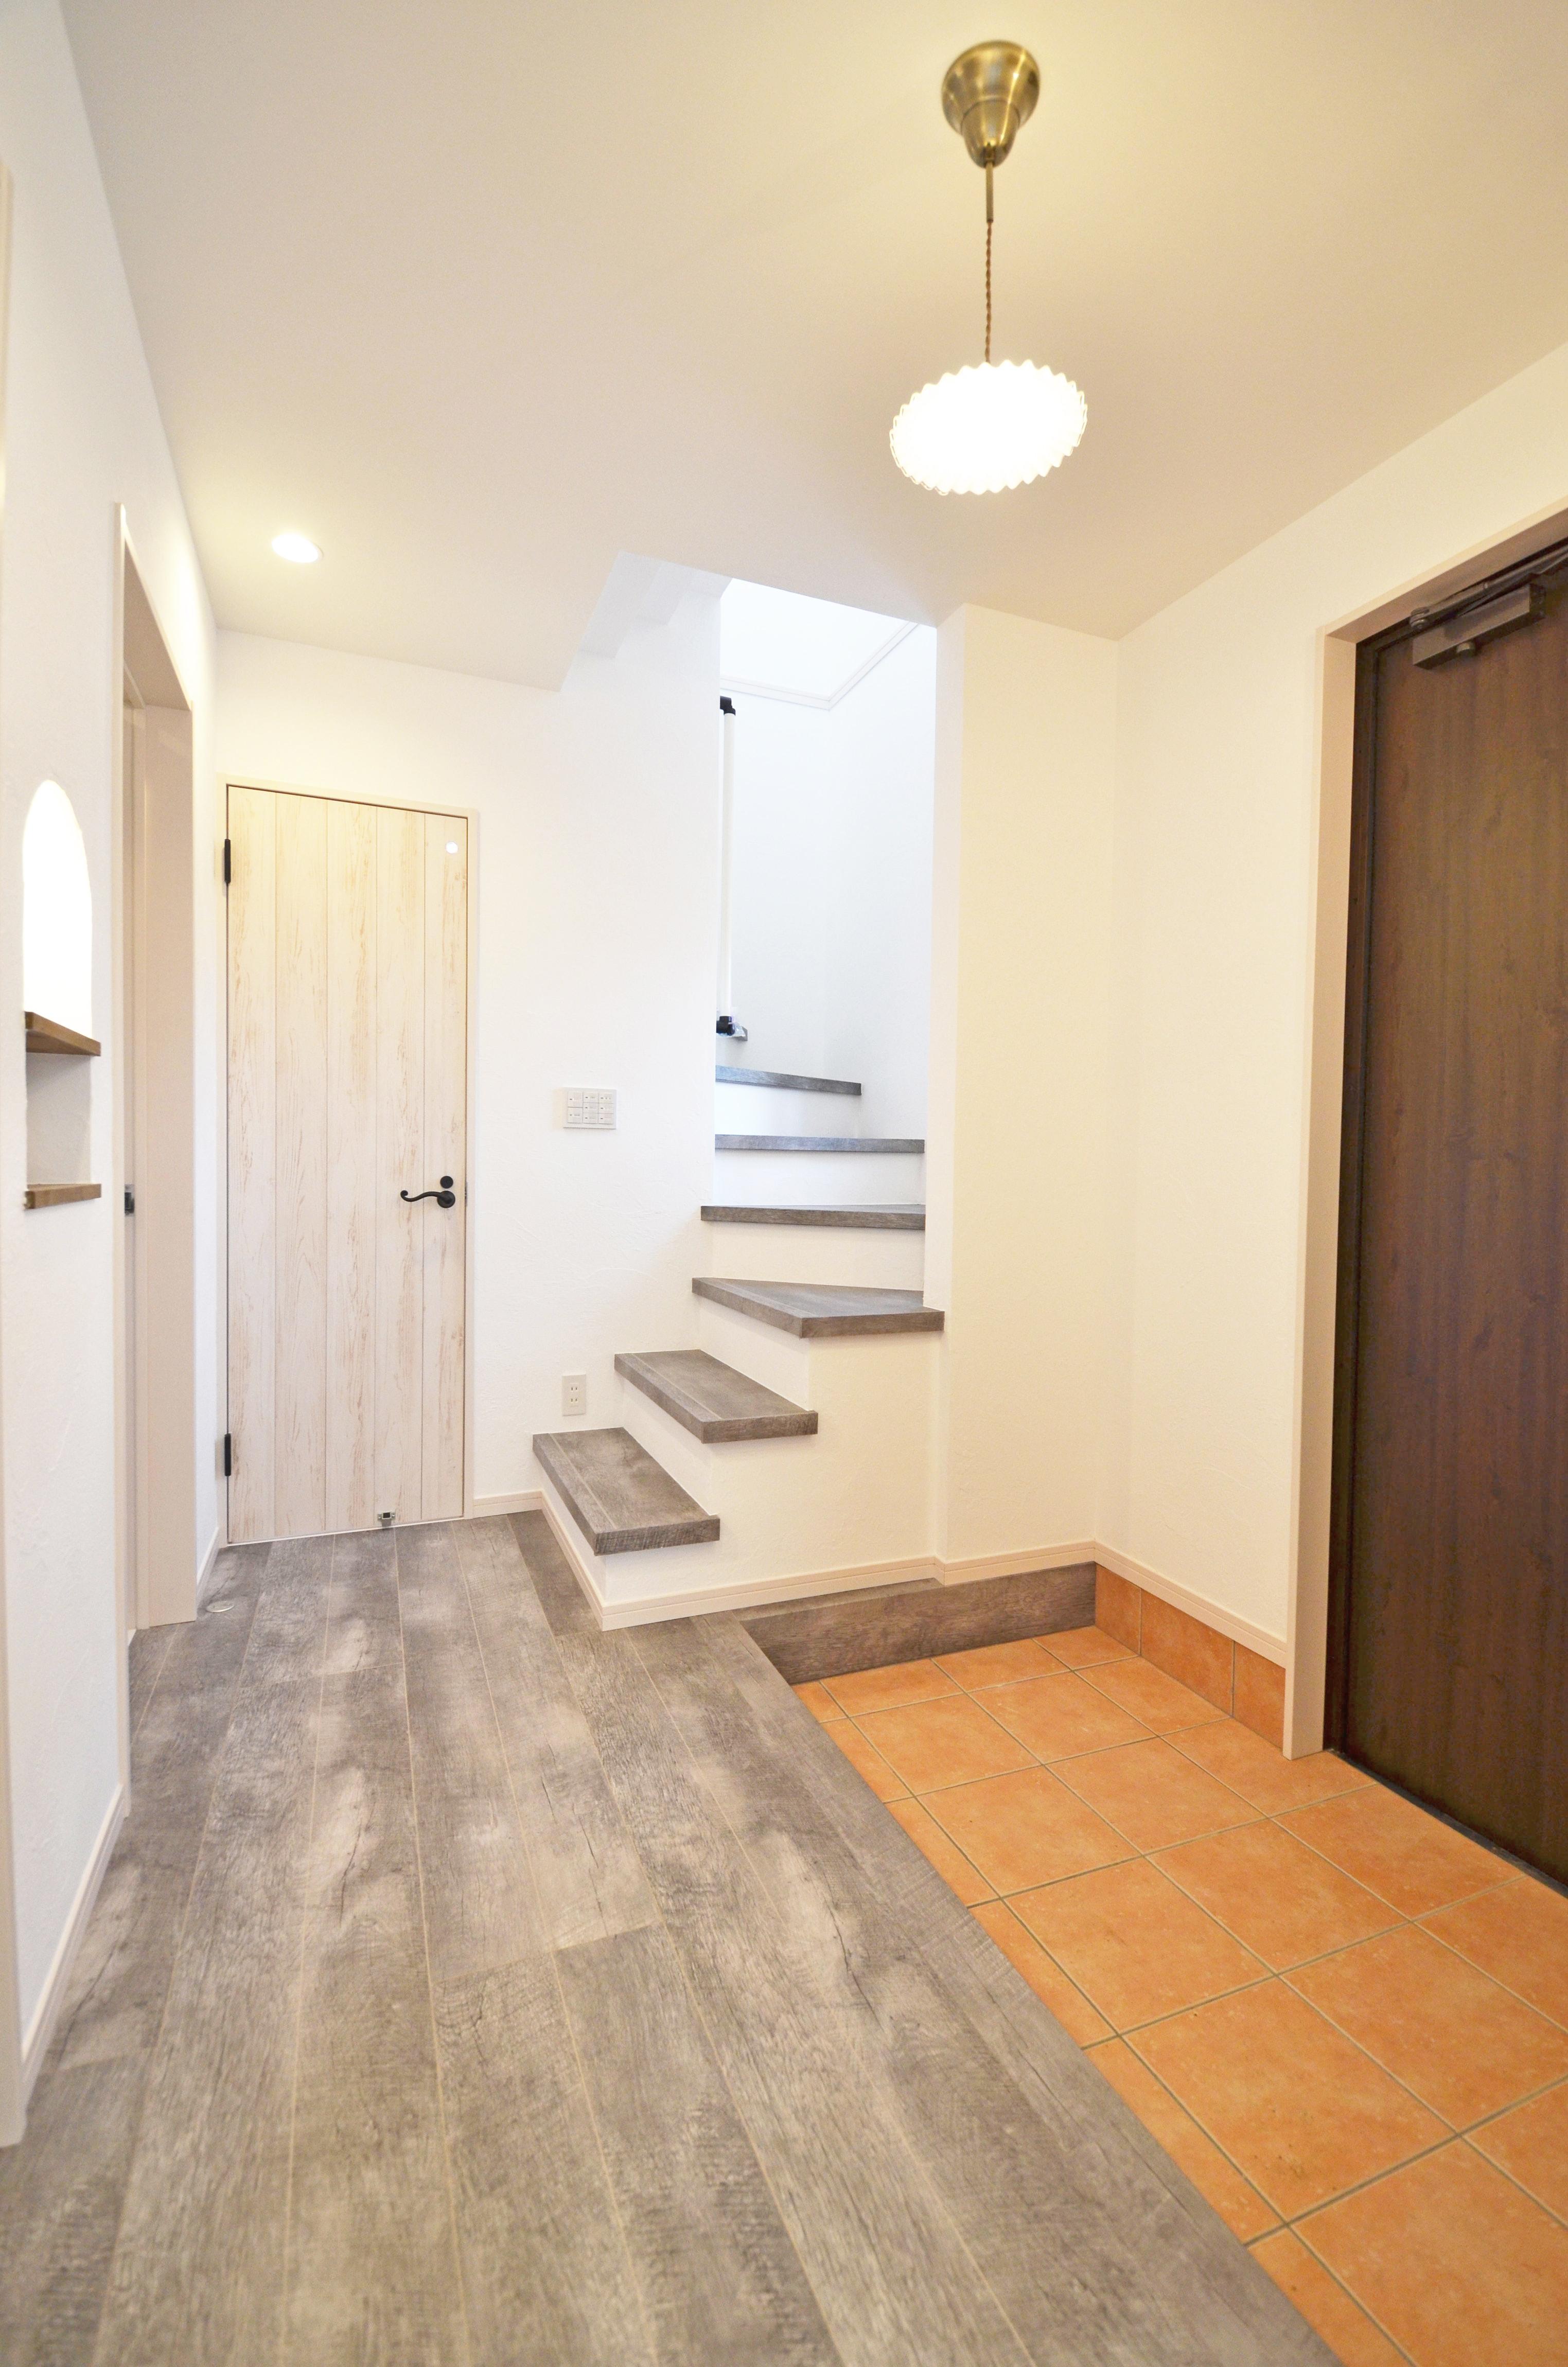 ティアラホームスタイル【1000万円台、デザイン住宅、間取り】塗り壁は口に入っても問題ない本物の自然素材。空気もおいしく身体に優しい空間に